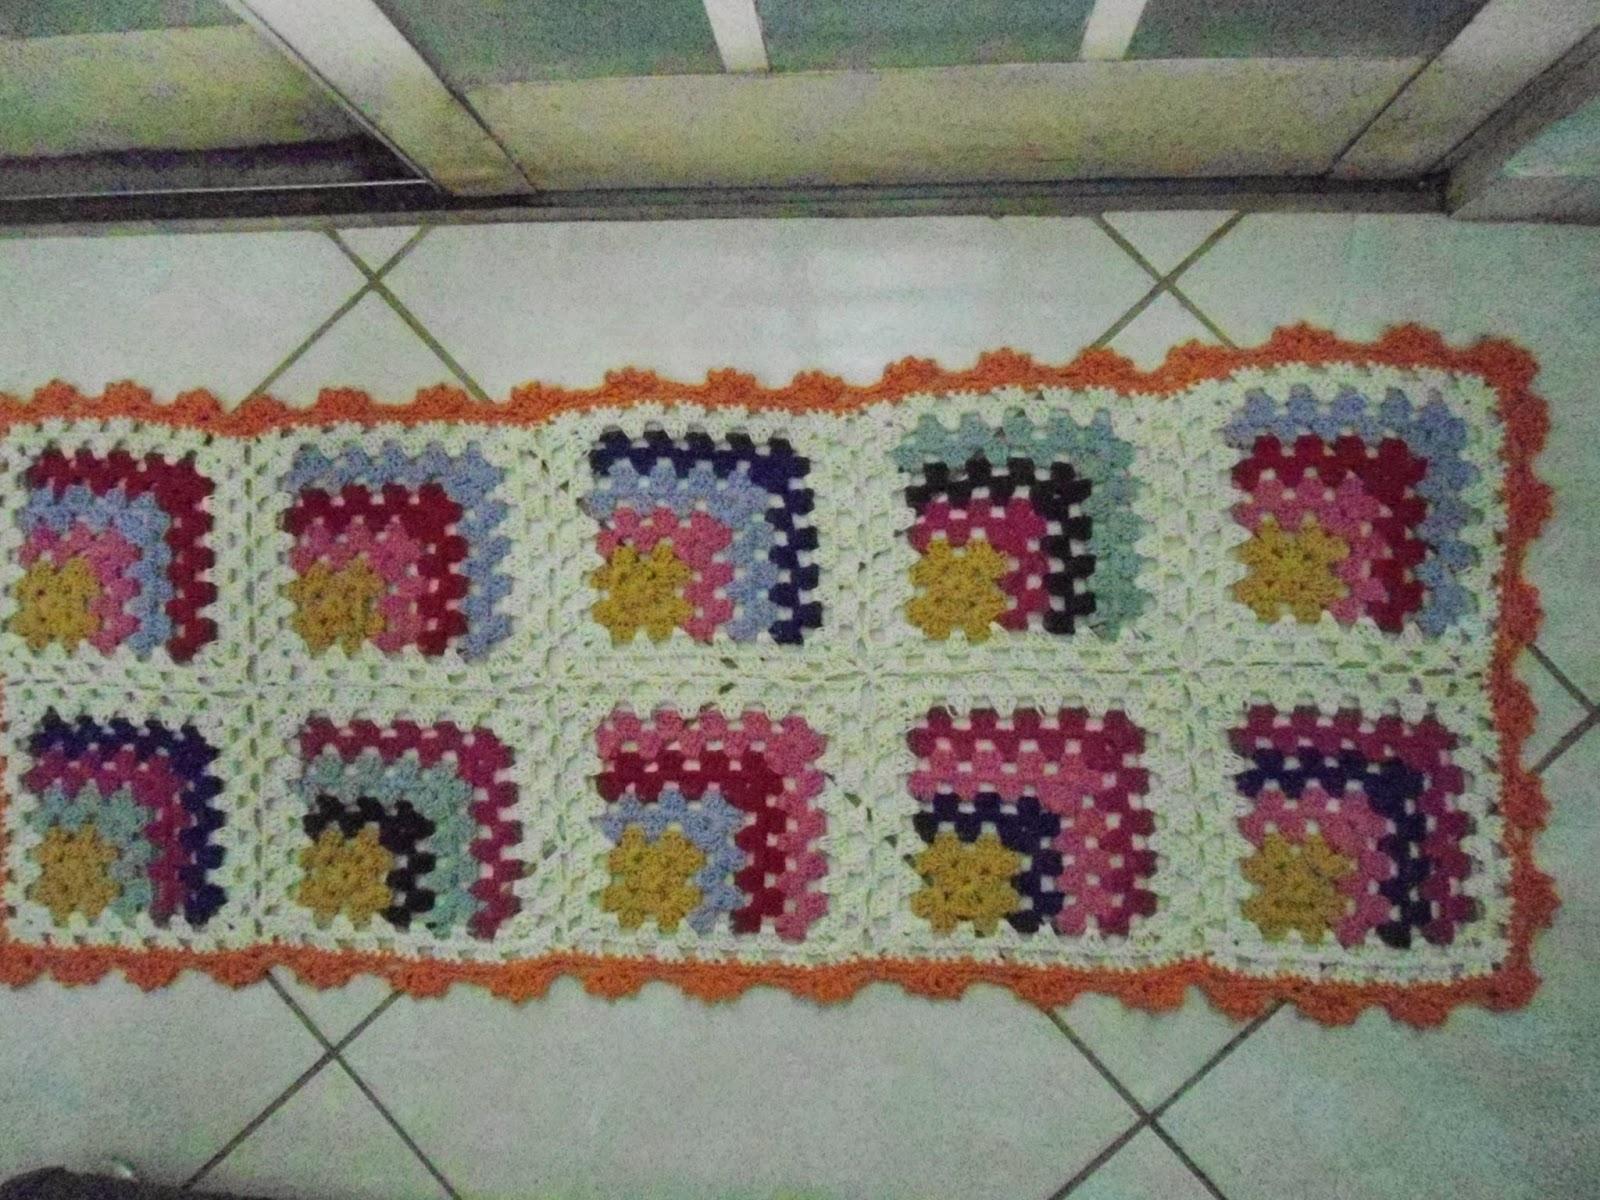 Tapete Minions De Croche : TURMA DO CROCHET: PRONTO, TAPETE COLORIDO COM SOBRAS DE BARBANTE